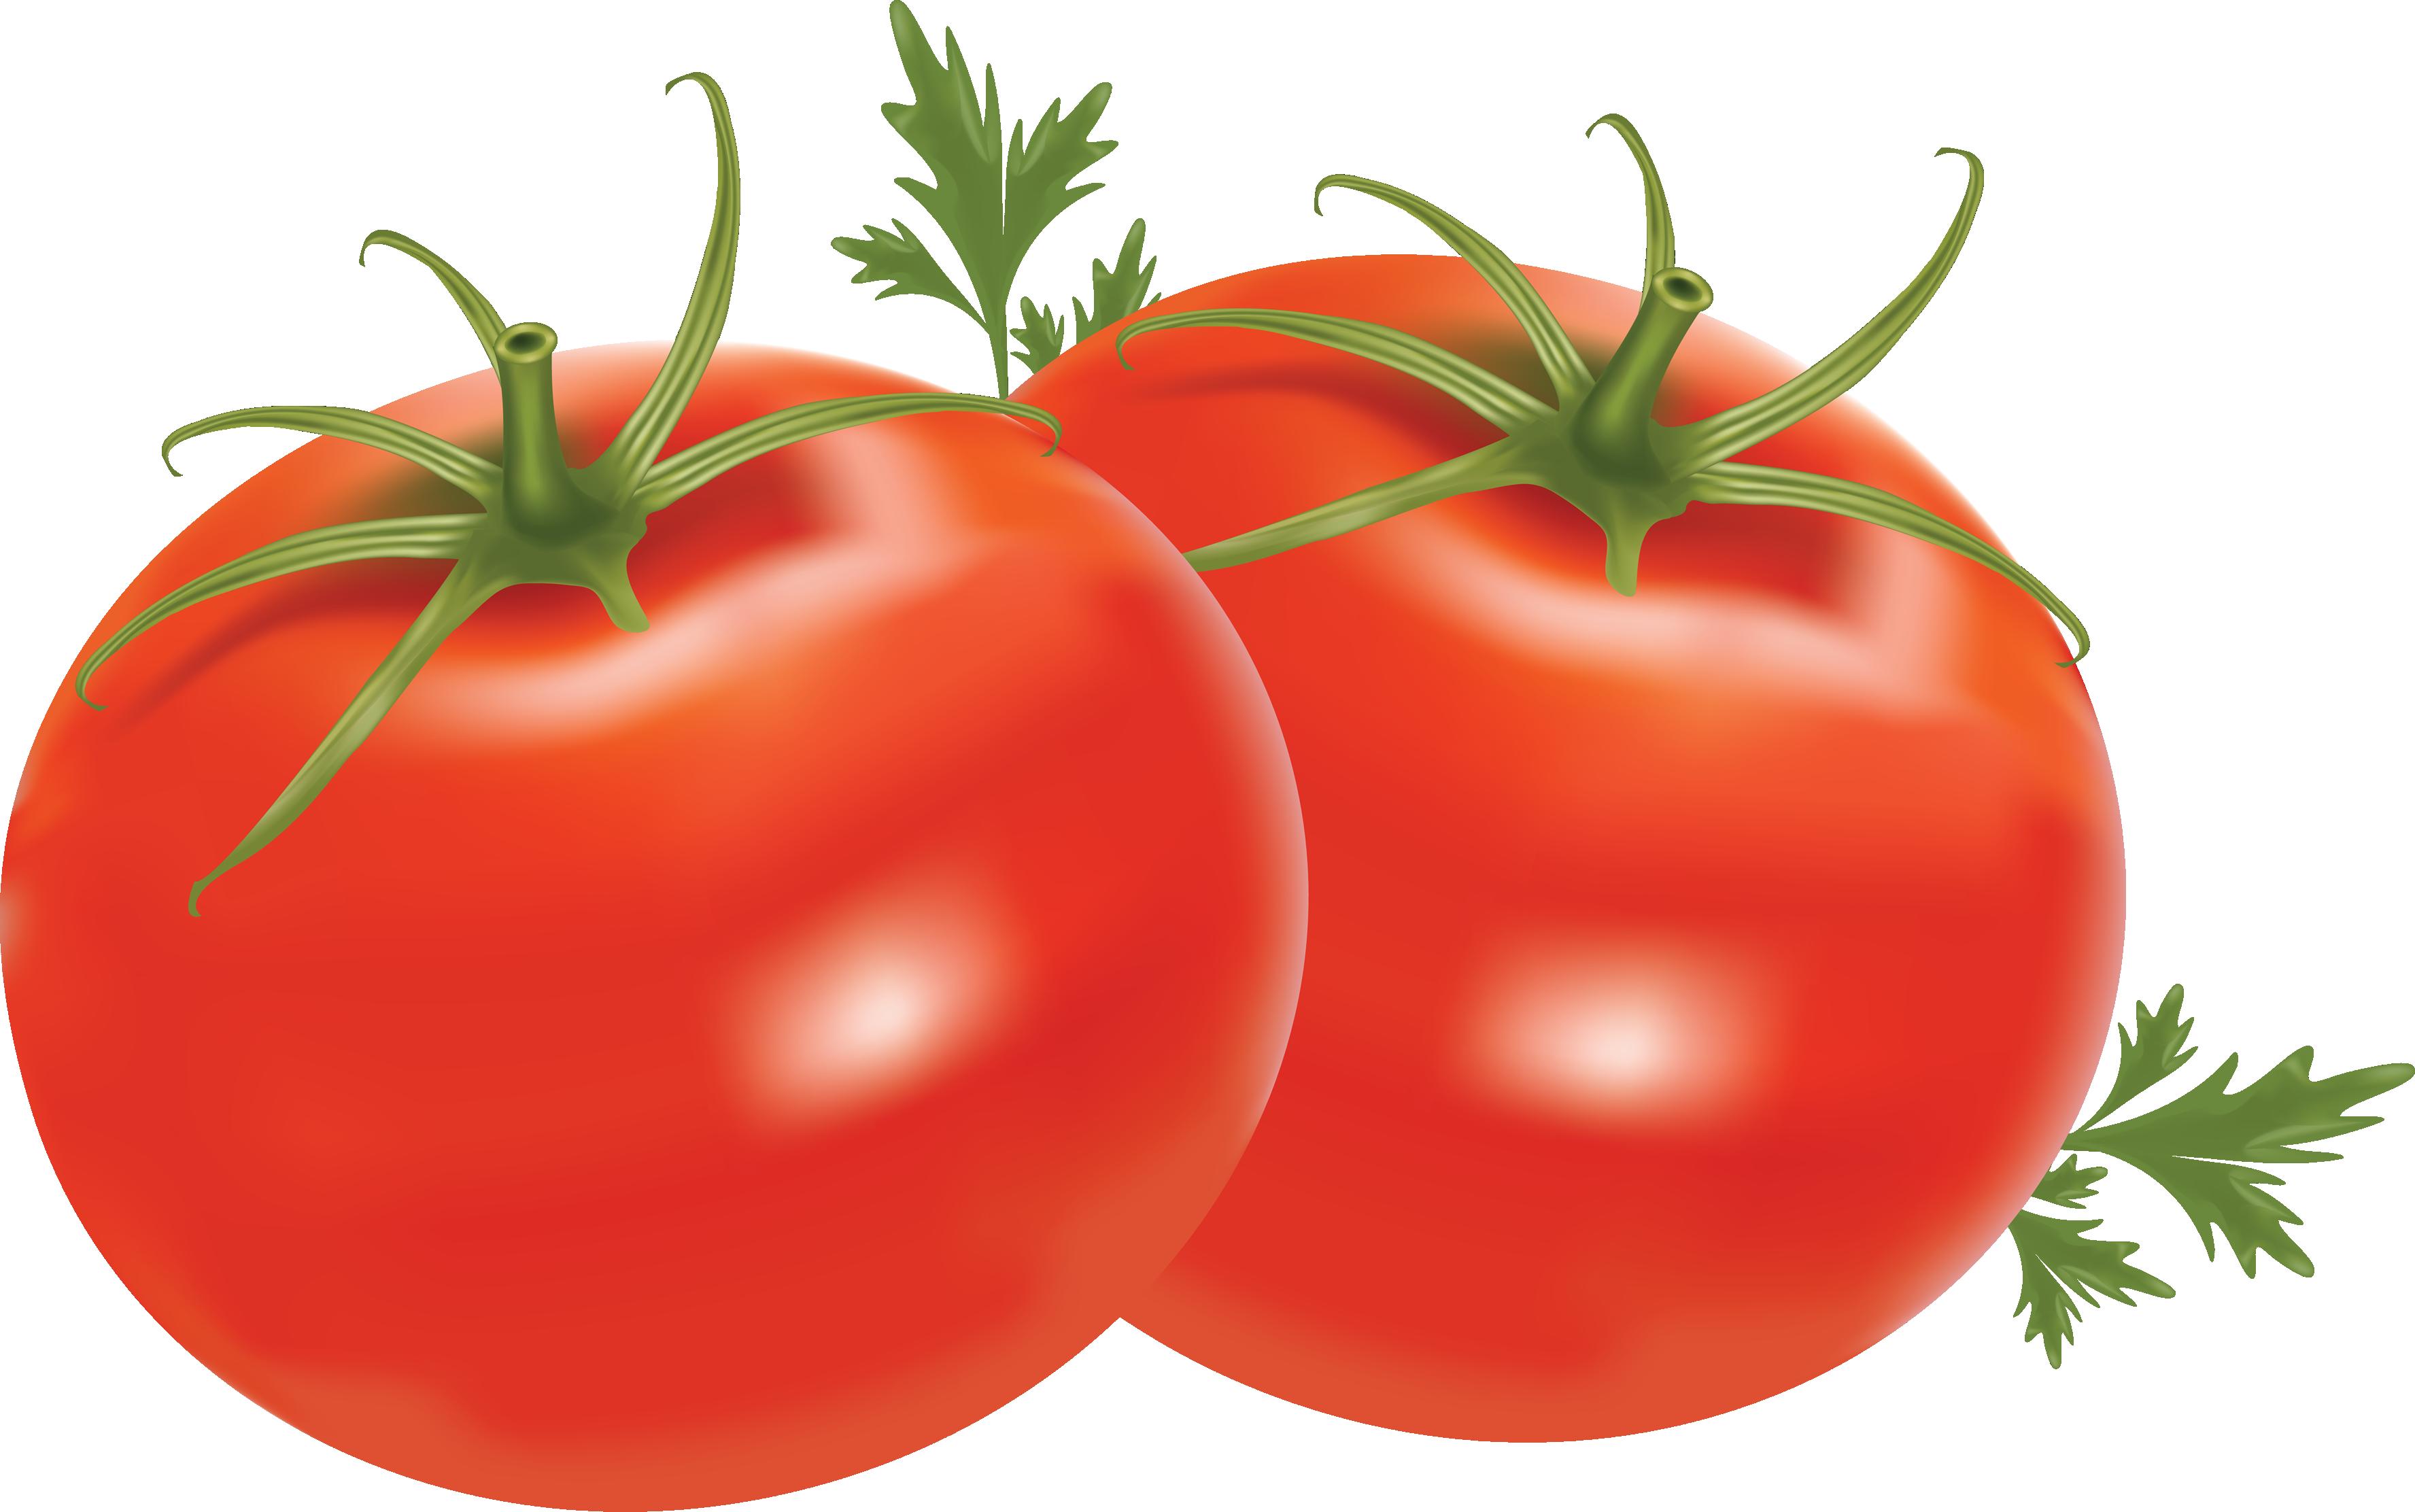 Tomato Clipart No Background.